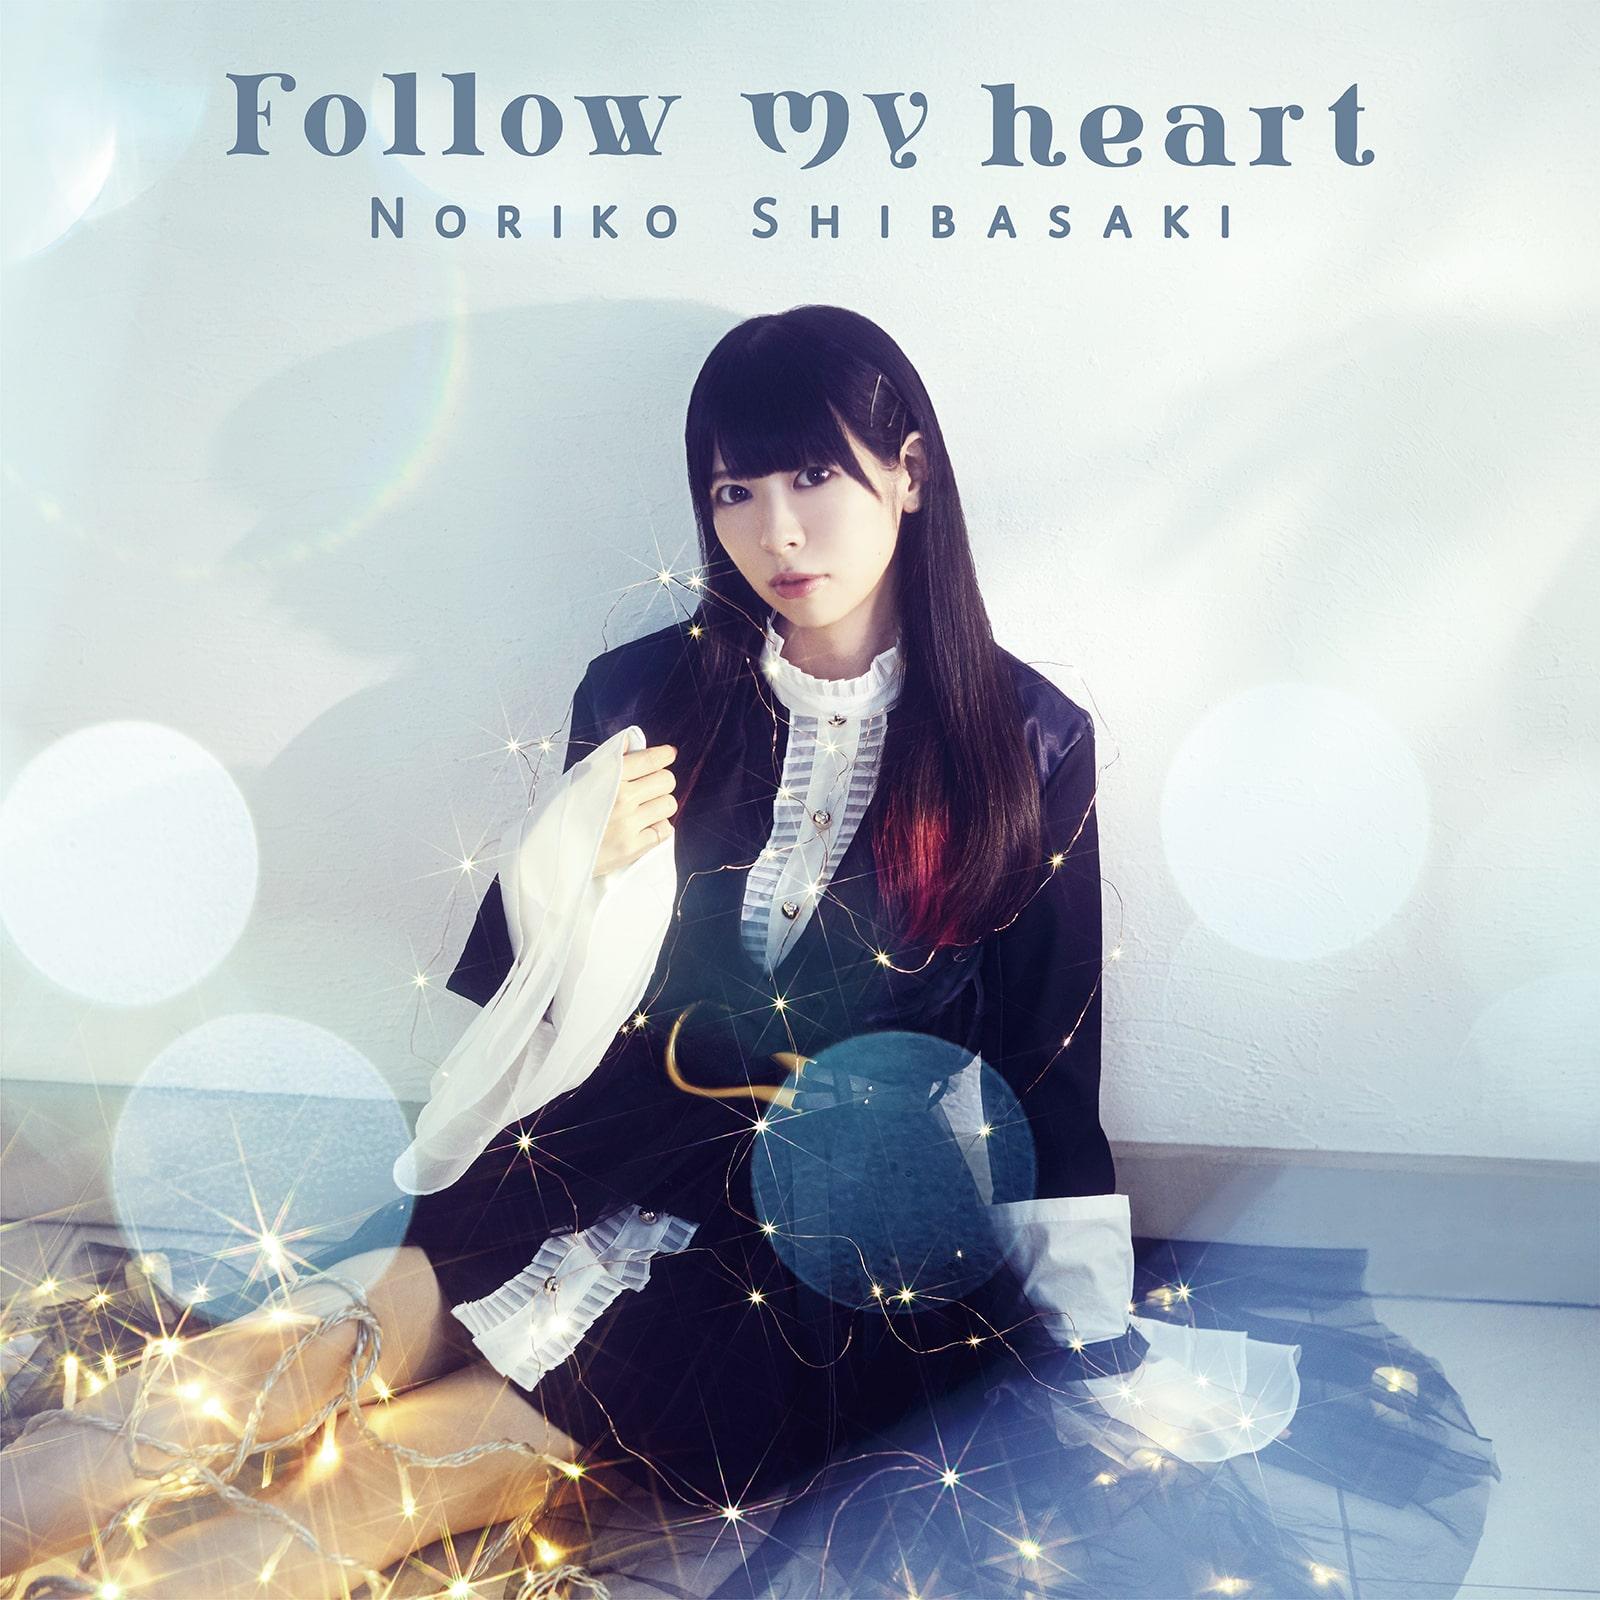 芝崎典子_Follow my heart_初回盤-min